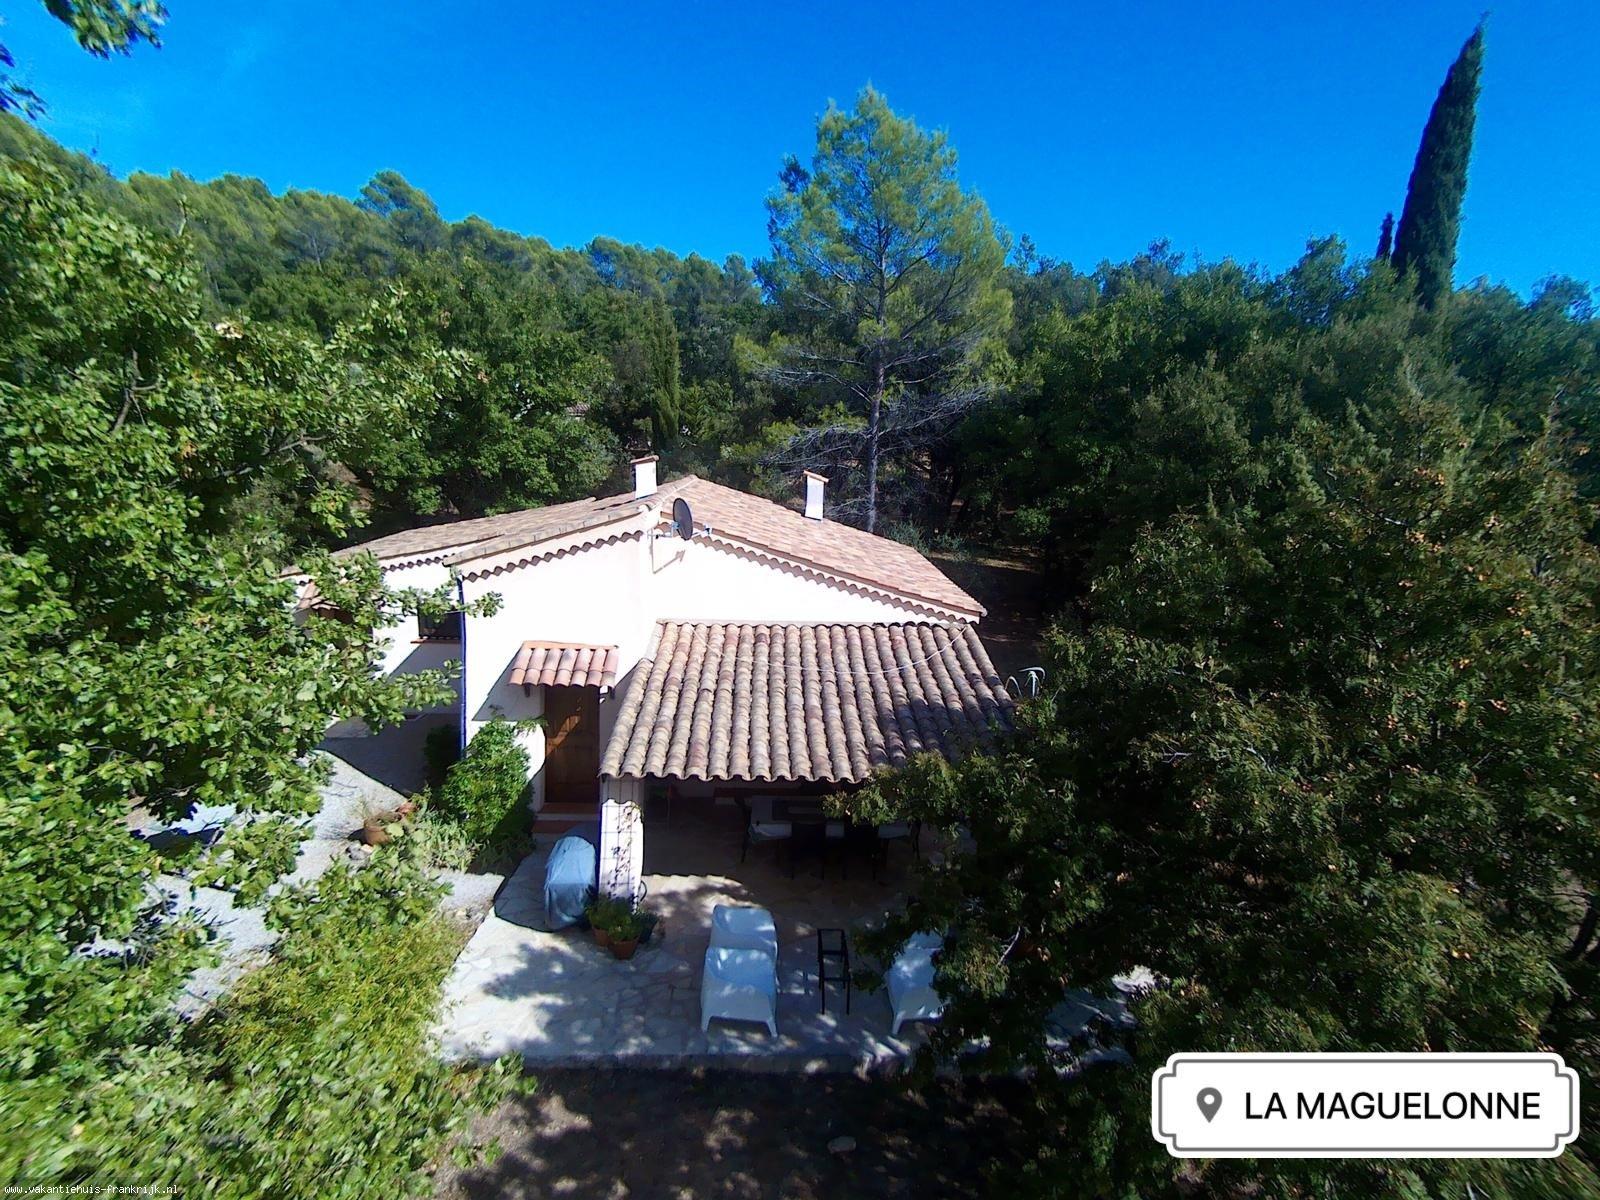 Vakantiehuis: Callas; bij kust, meren en bergen: Vrijstaand vakantiehuis met prachtig uitzicht, privé zwembad en volop privacy te huur voor uw vakantie in Var (Frankrijk)